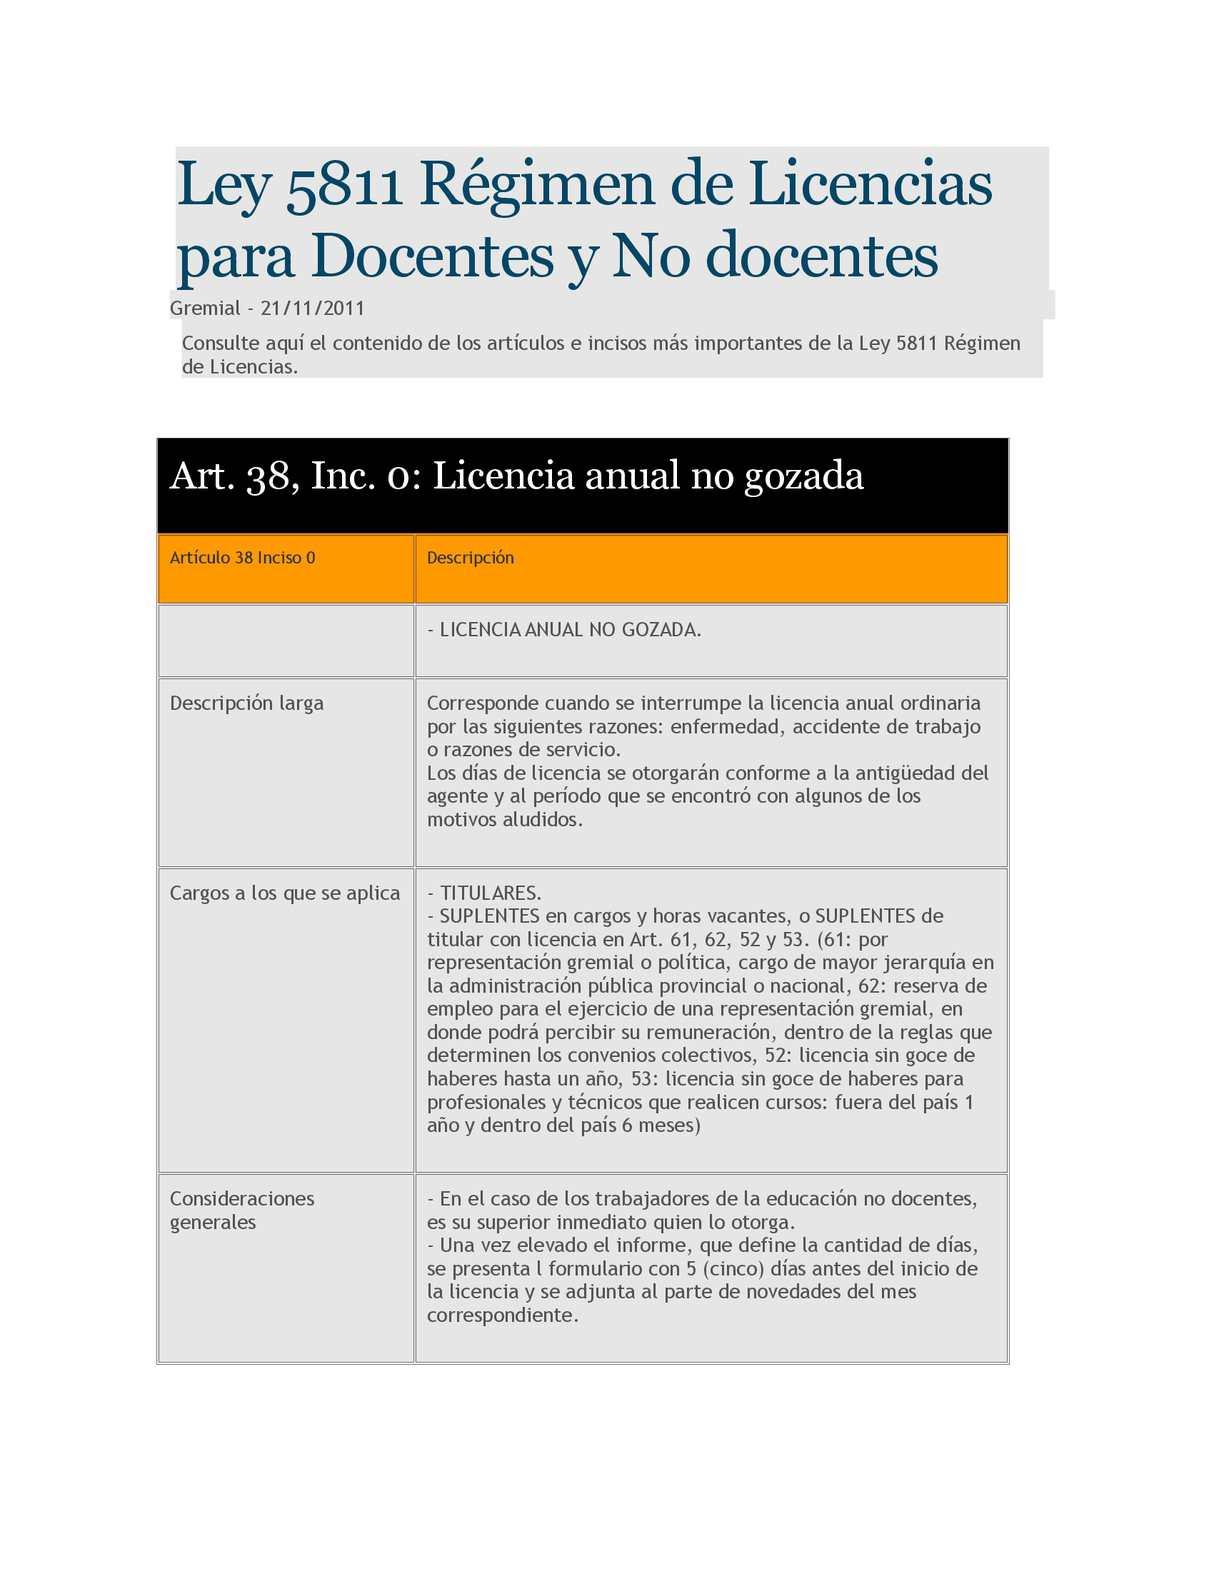 Ley 5811 Régimen de Licencias para Docentes y No docentes